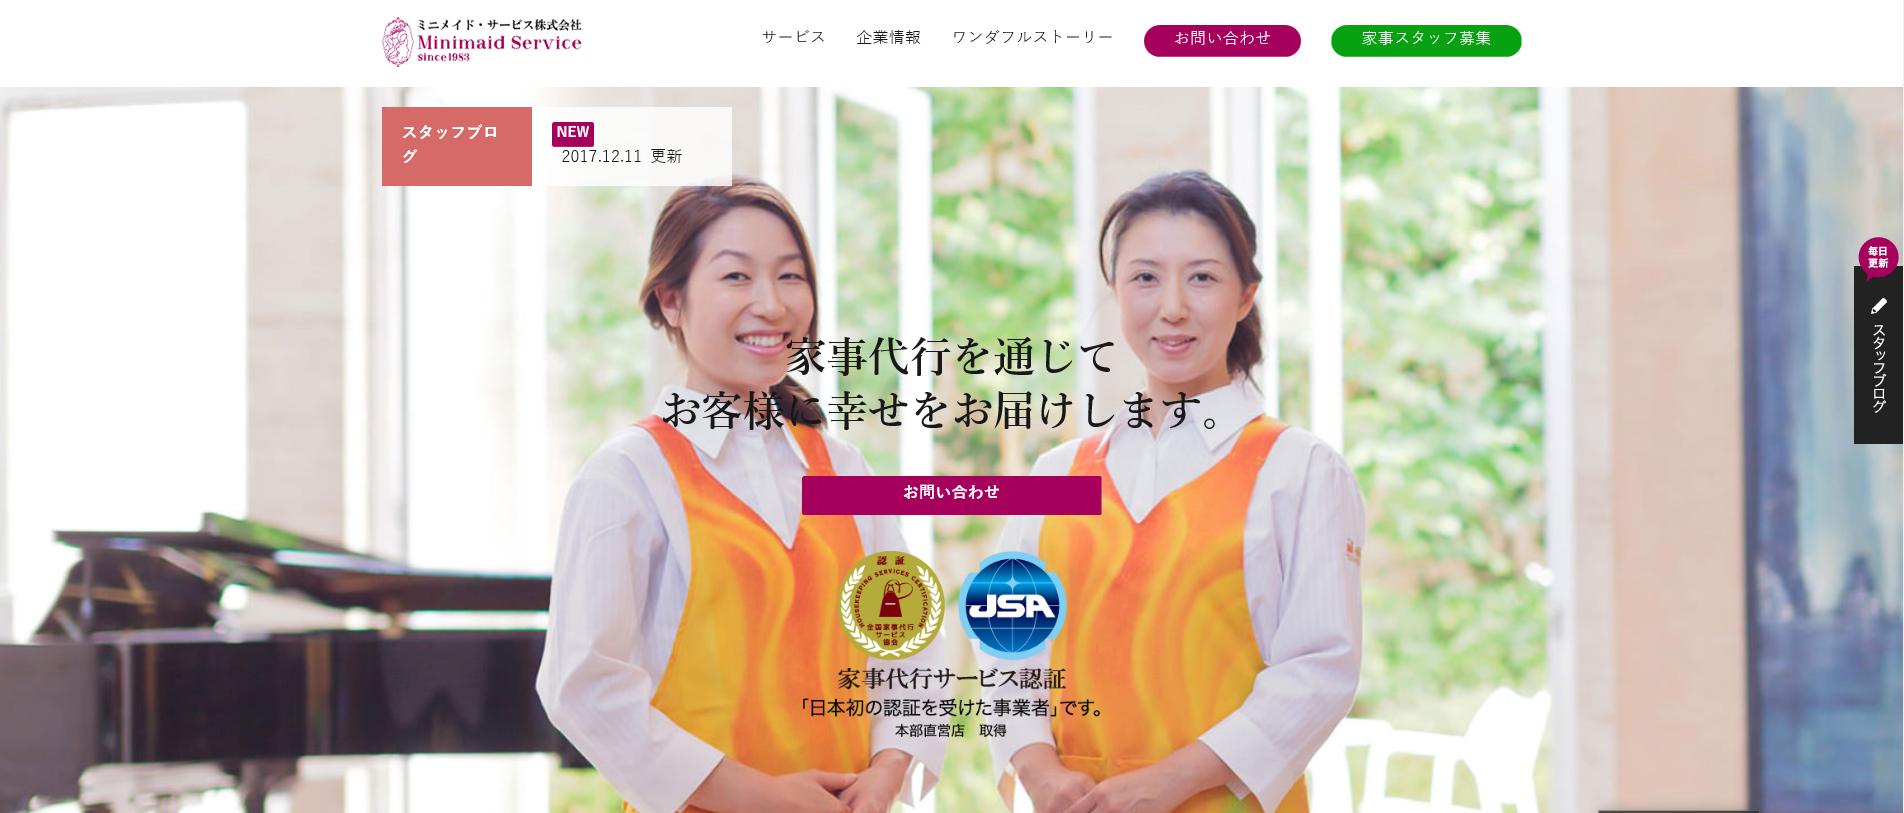 働く女性が活躍できる職場づくりで「東京ライフ・ワーク・バランス認証」を取得